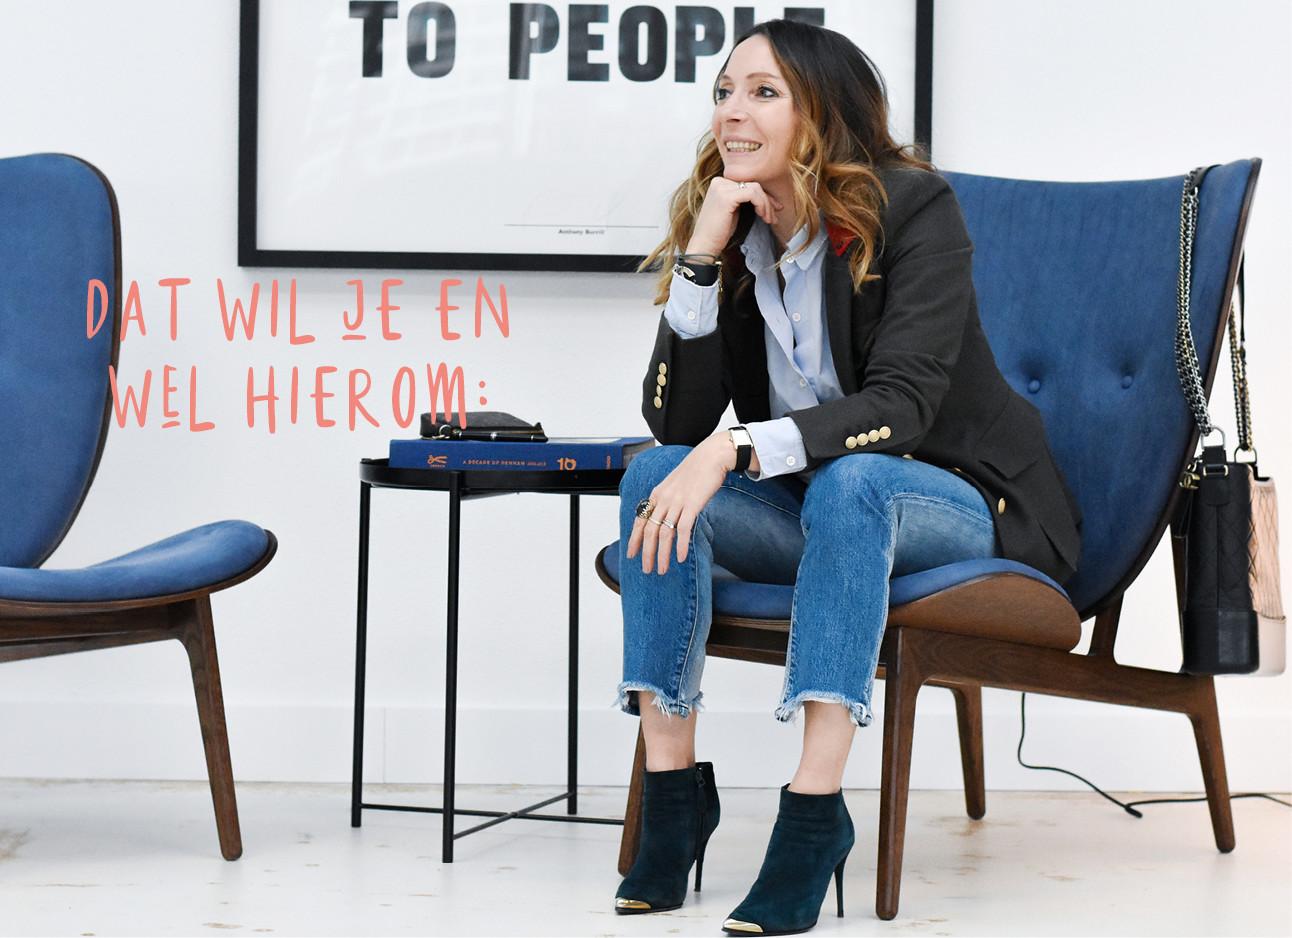 maybritt mobach zit op een donkerblauwe stoel, ze draagt jeans, blauwe blouse en een colbert, aan de stoel hangt een tas boeken op tafel